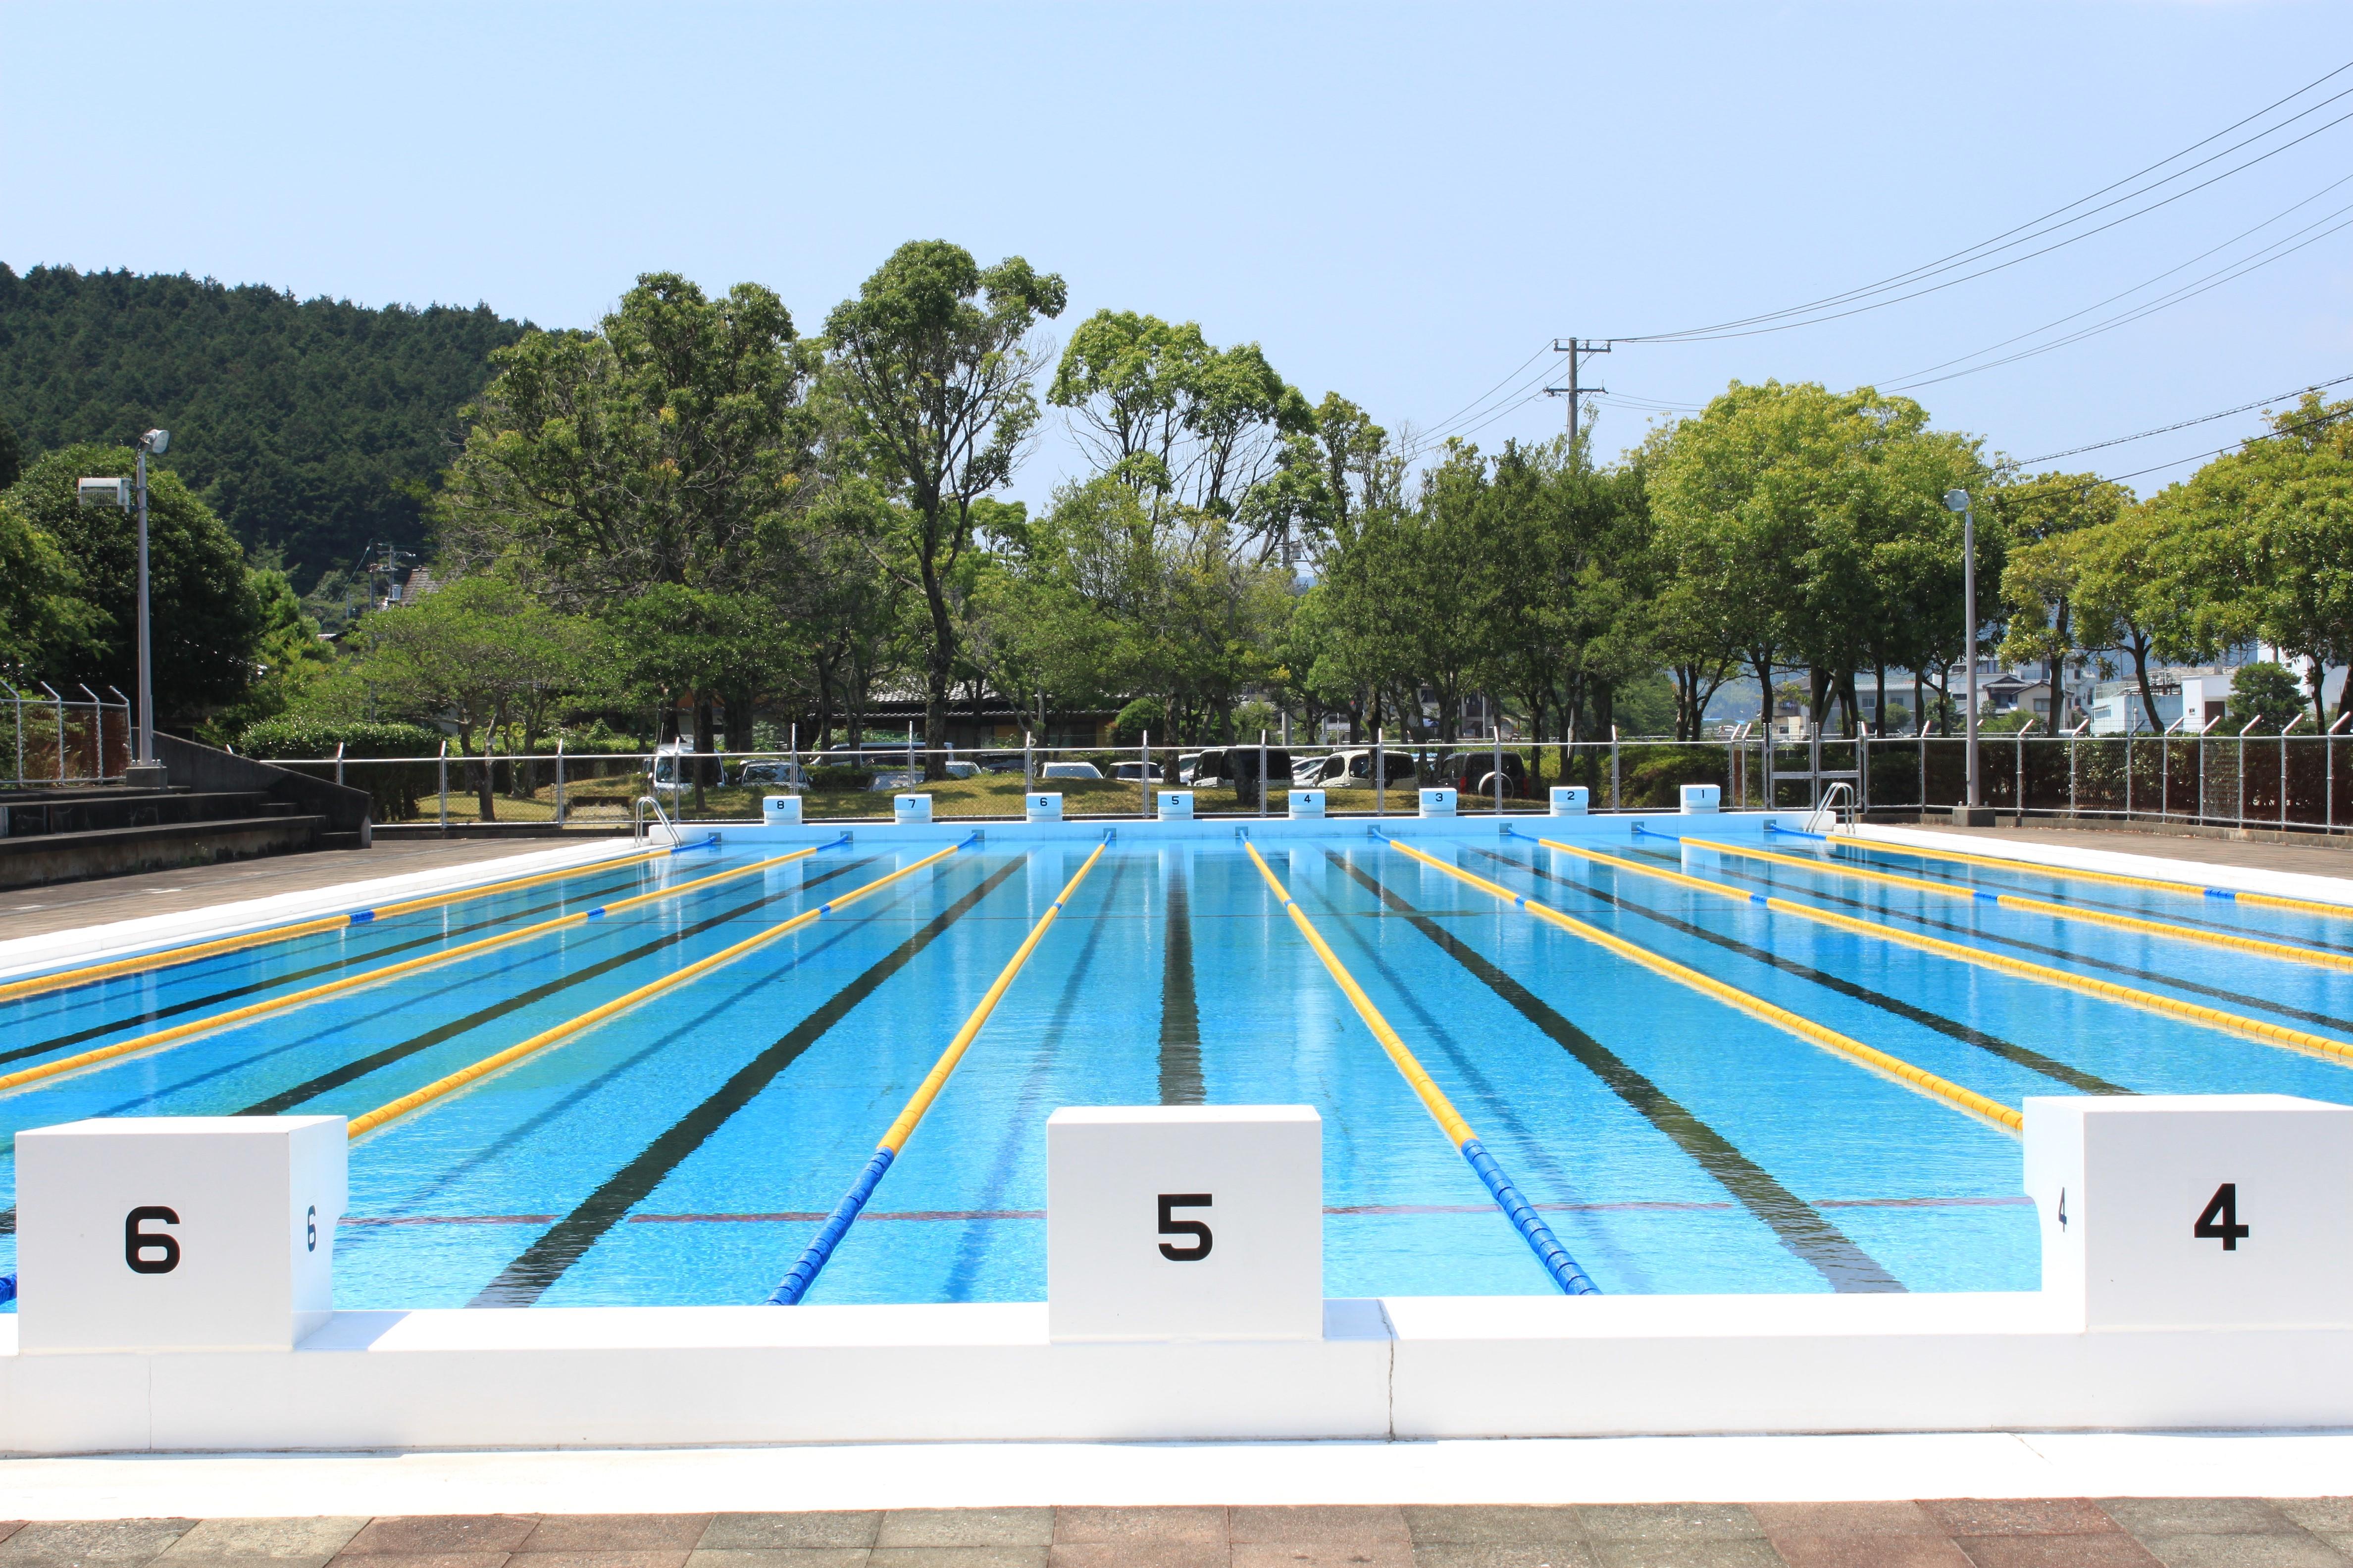 宇和プール(50mある大プール)